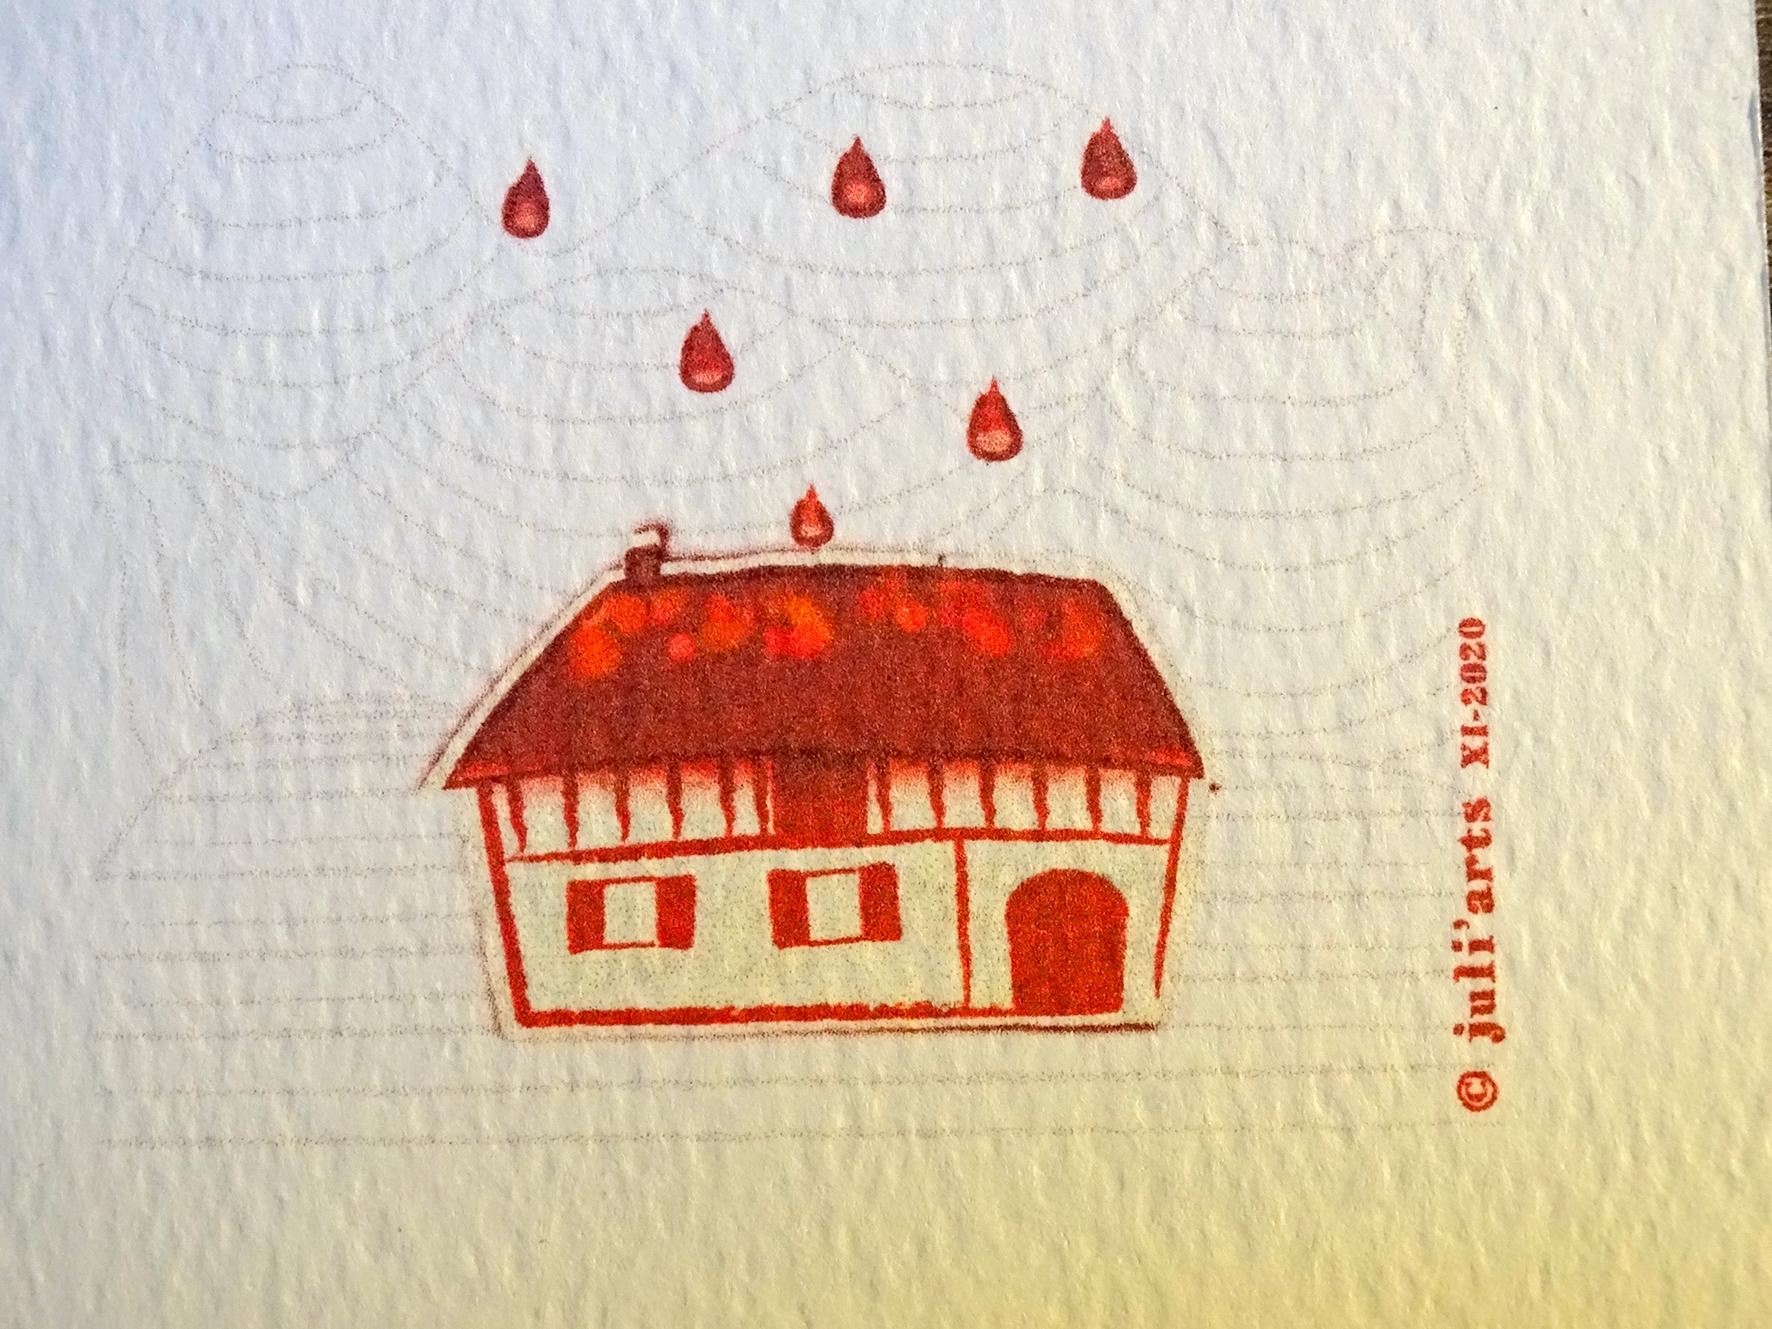 """""""Tye & Dye"""" Maison / Tirage numérique sur papier aquarelle / 3€ pièce hors fdp / 4 derniers exemplaires!"""